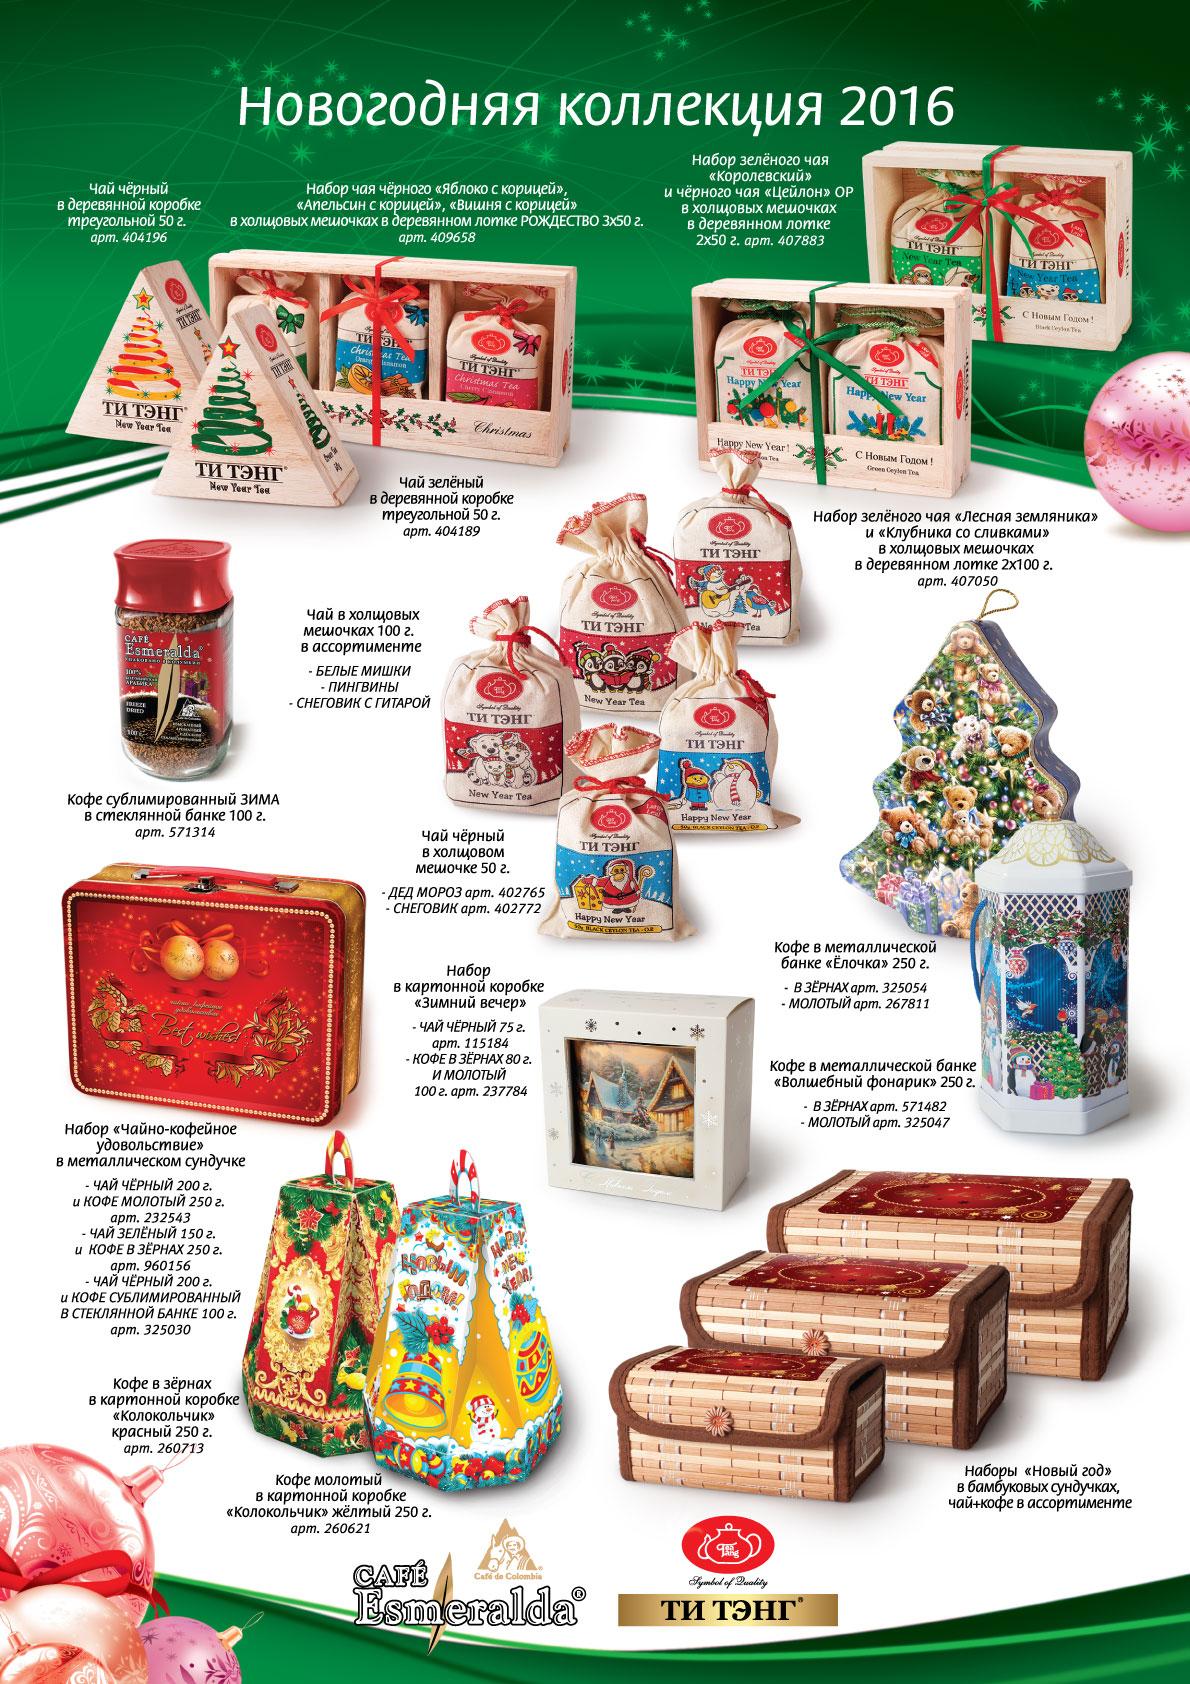 Москондитер интернет-магазин сладких подарков 31